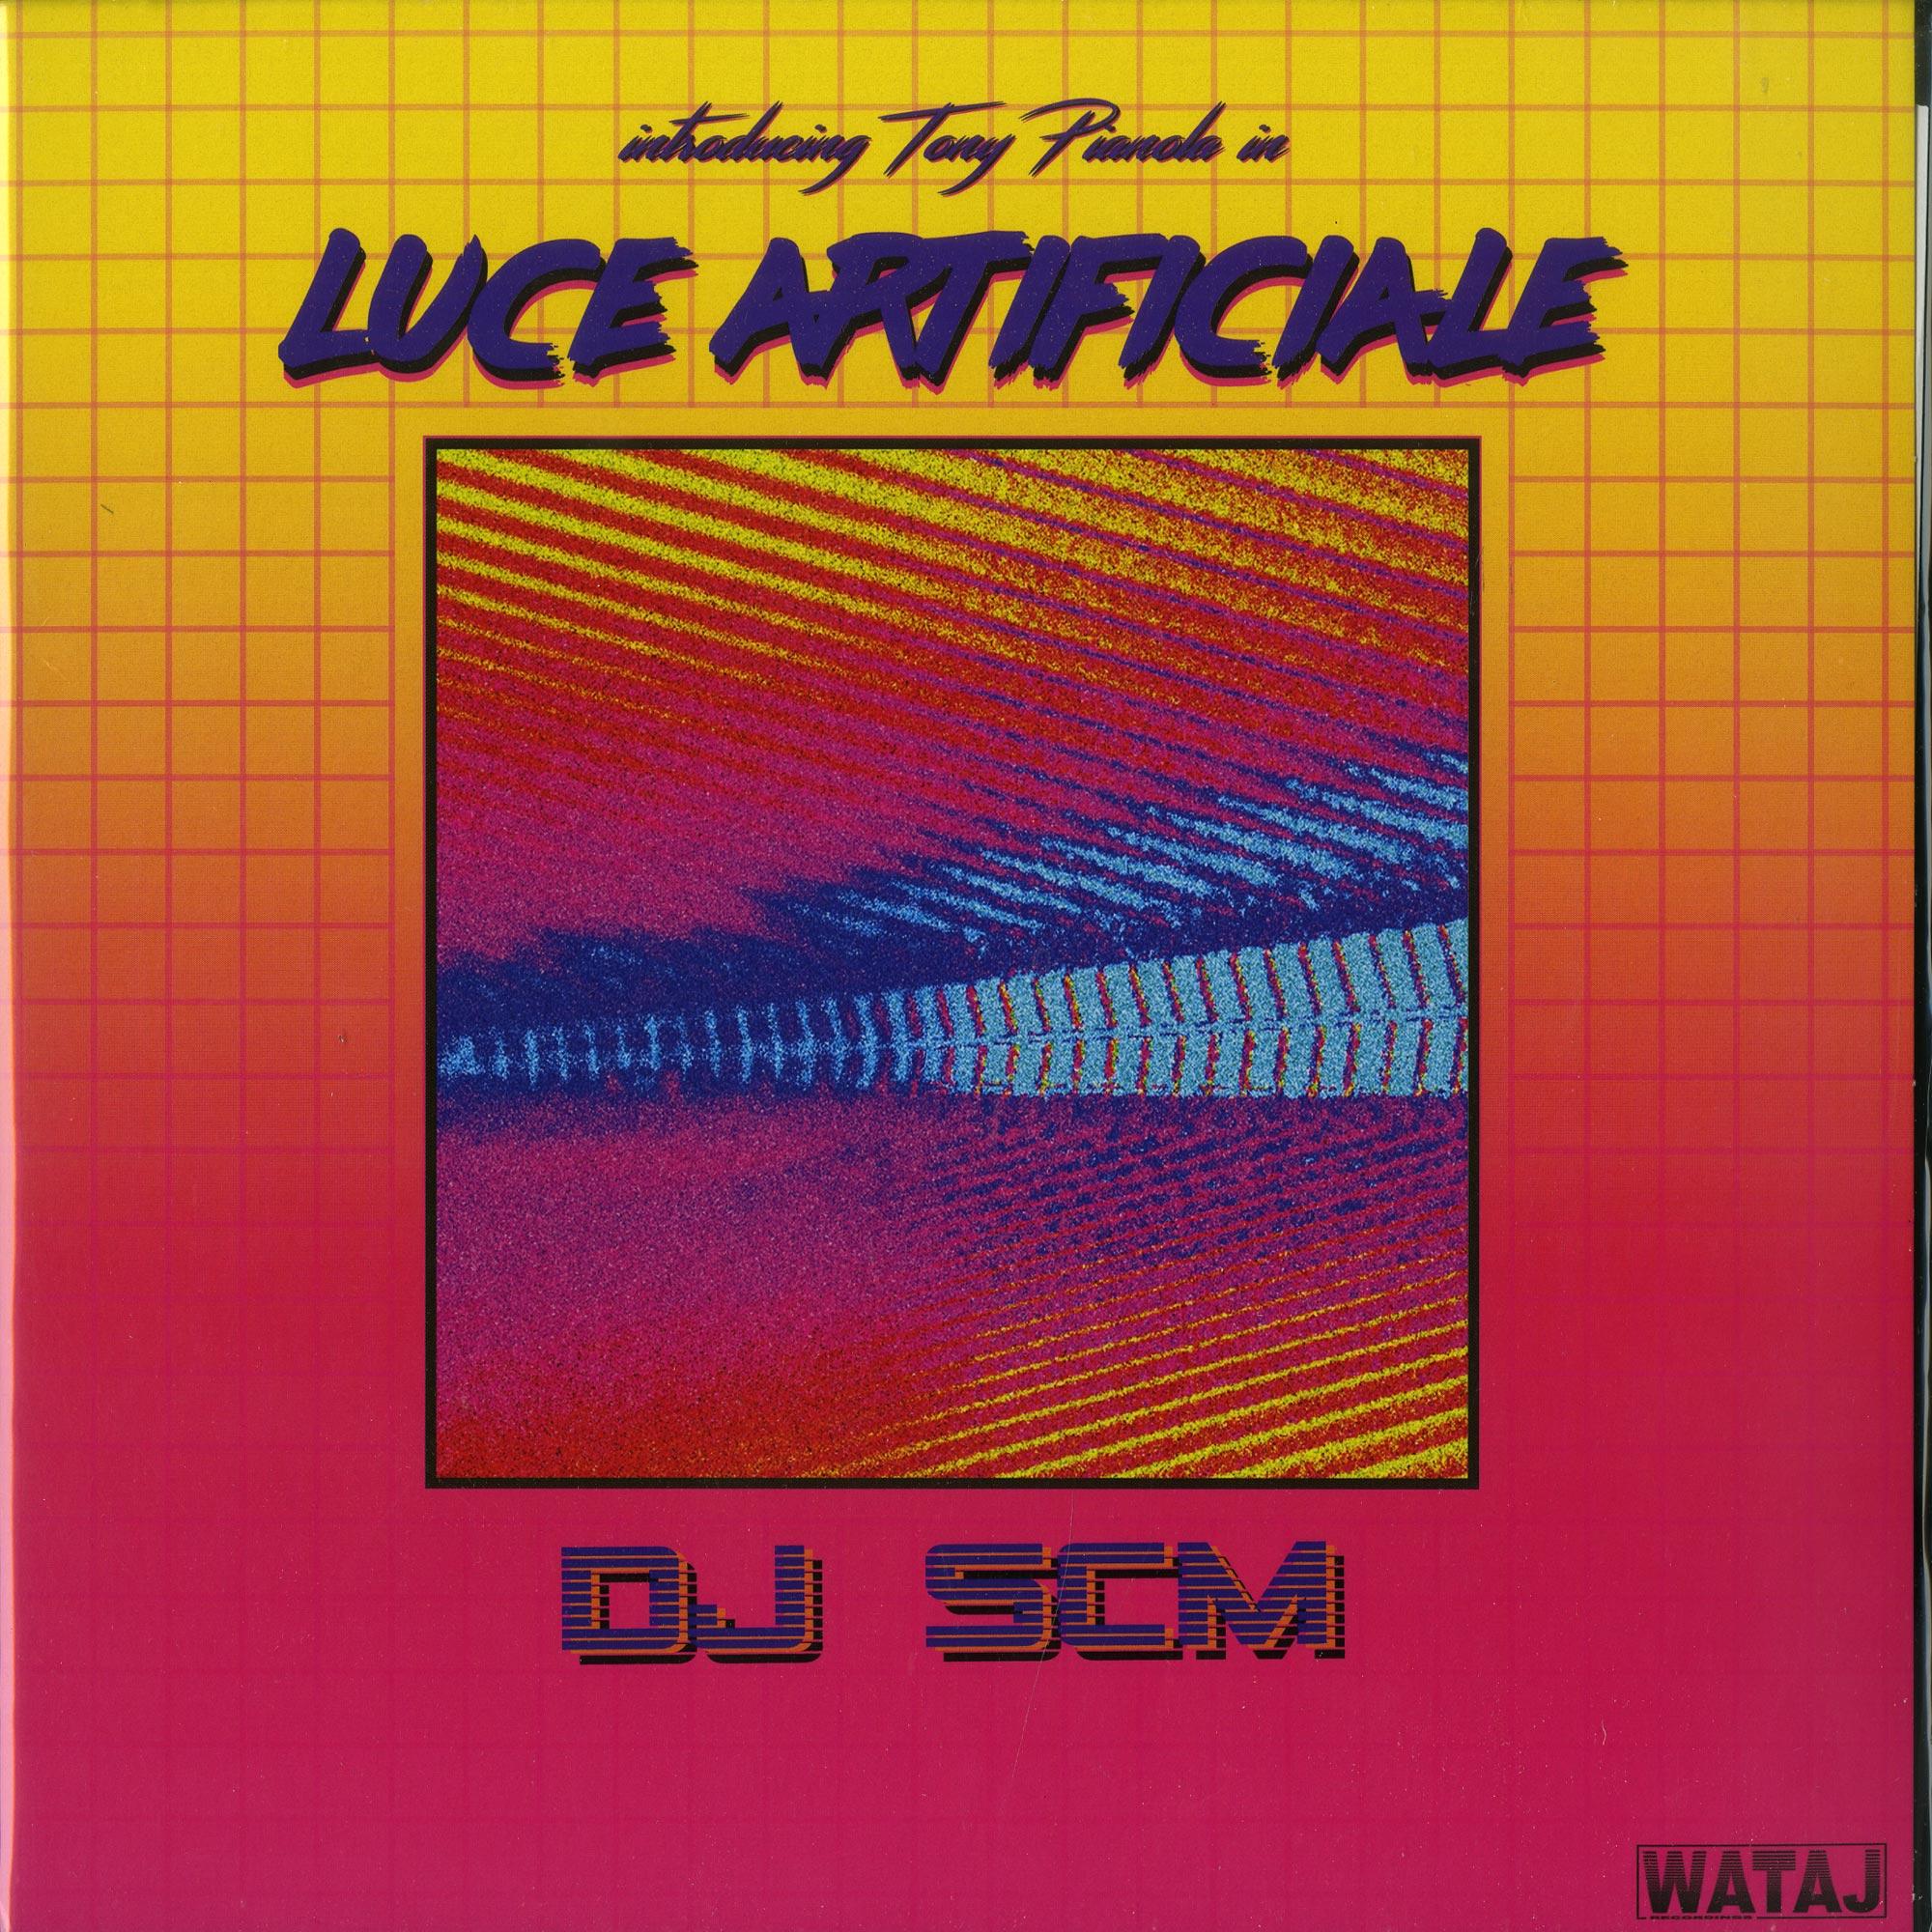 DJ SCM - INTRODUCING TONY PIANOLA IN LUCE ARTIFICIALE